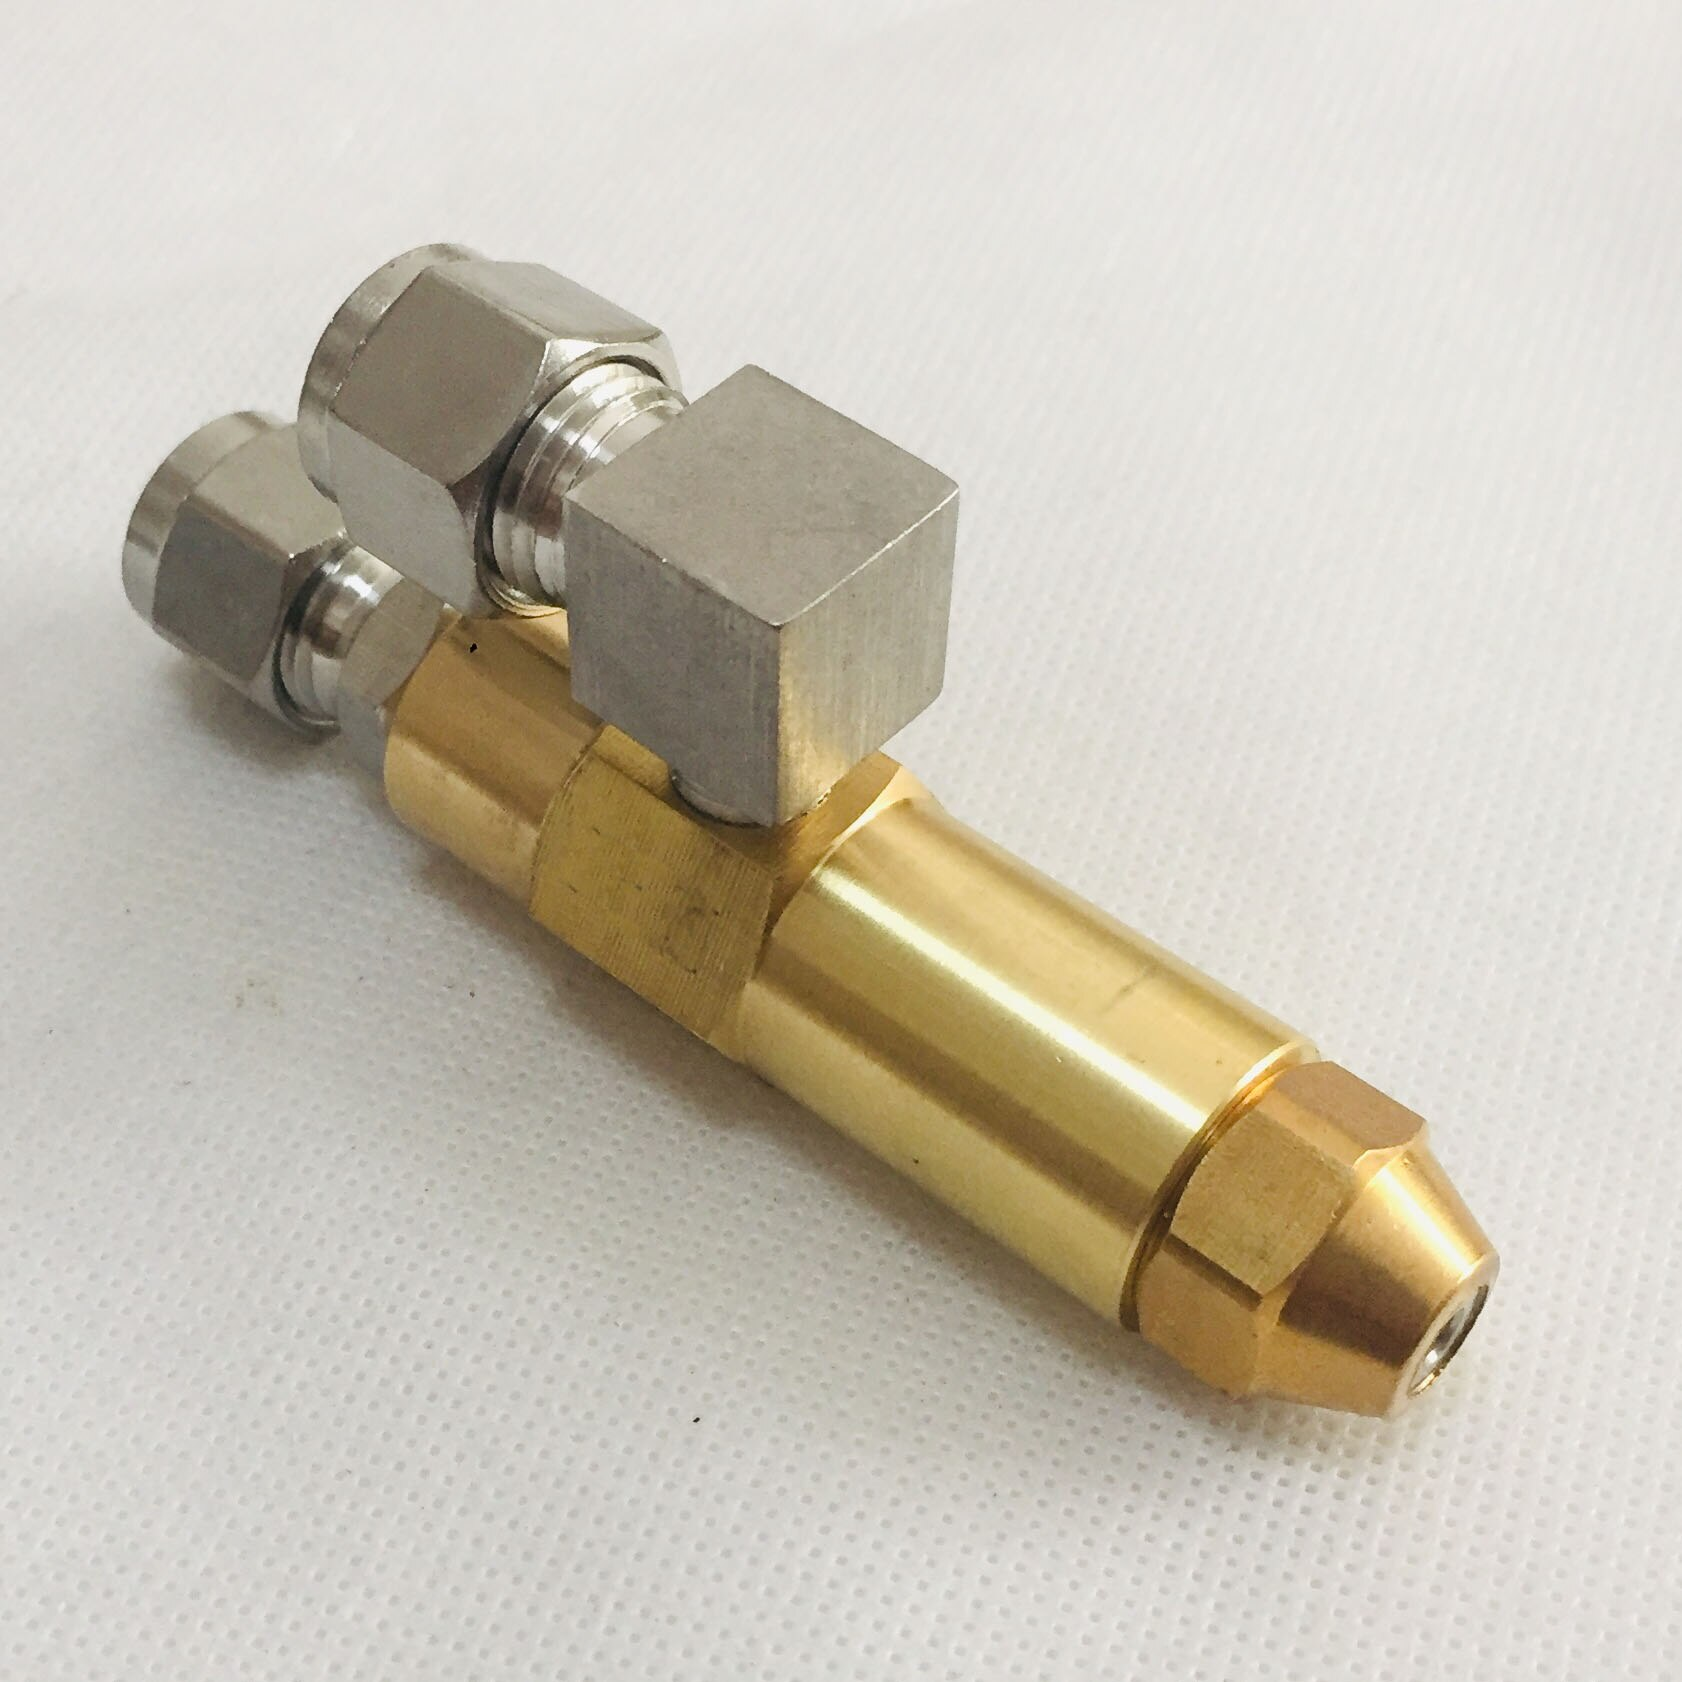 68 мм 0,5/0,8/1,0/1,2/1,5/2,0/2,5/3,0 мм Насадка для горелки отработанного масла, распылитель воздуха, насадка для топливного масла, насадка для распыления масла полного конуса